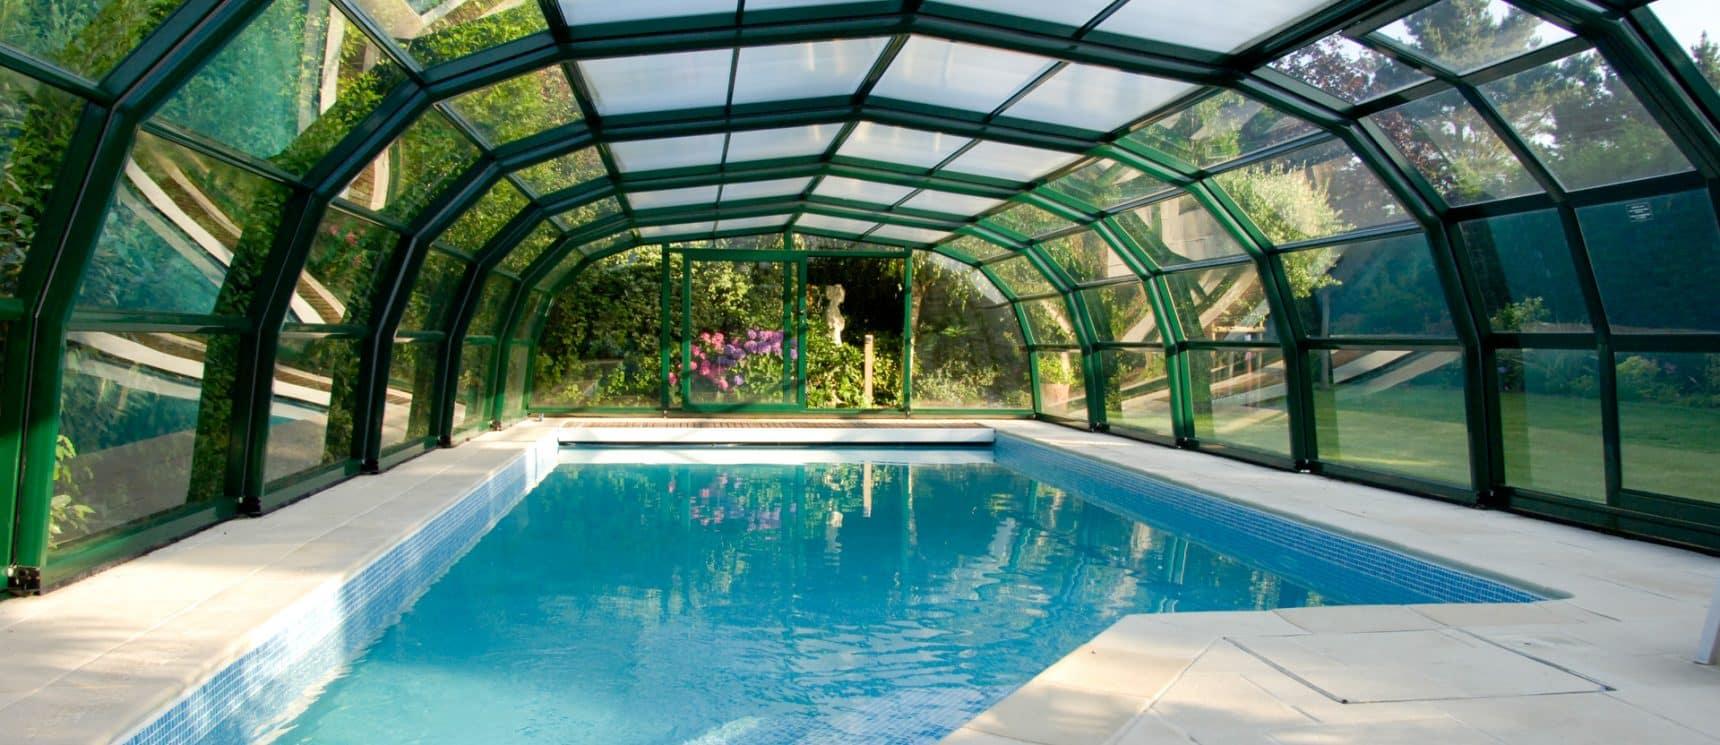 abris de piscine haut ondine abri piscine t lescopique haut. Black Bedroom Furniture Sets. Home Design Ideas